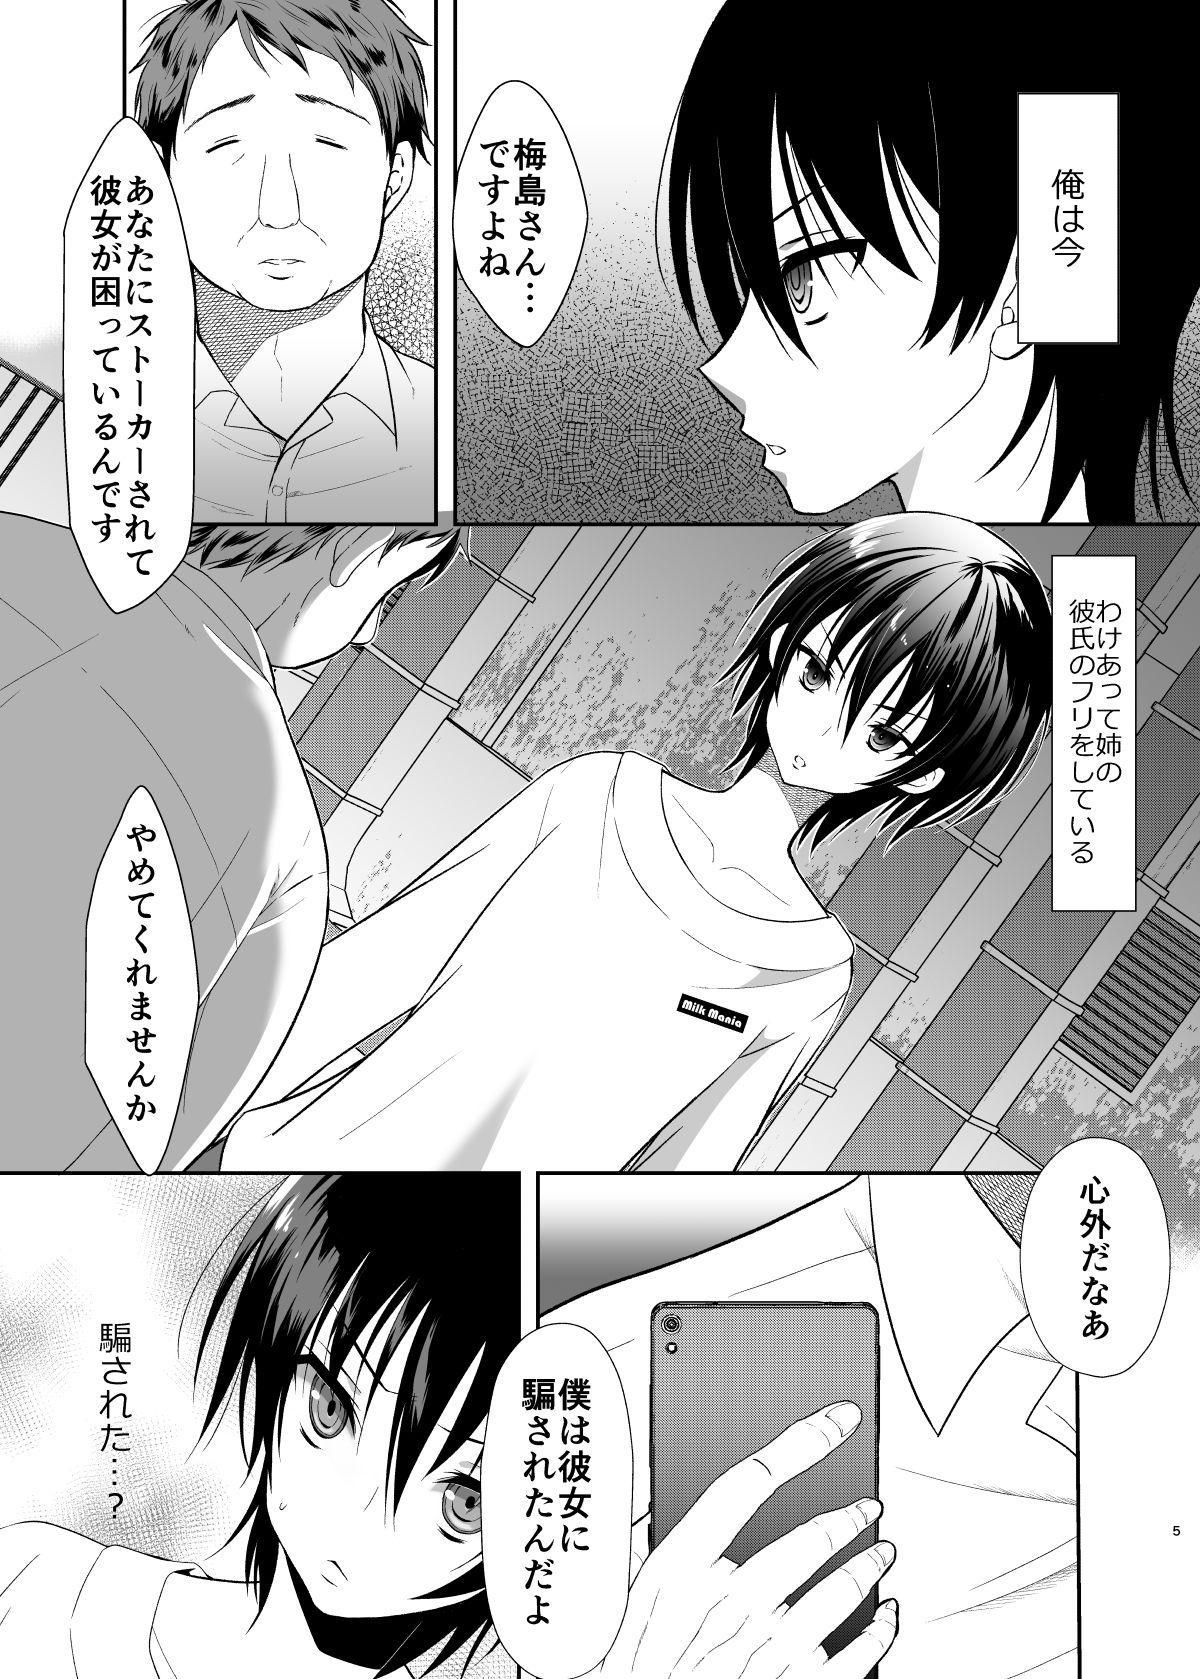 Ane no Kareshi no Furi o Shitetara Oji-san ni Otosareta Ore 3